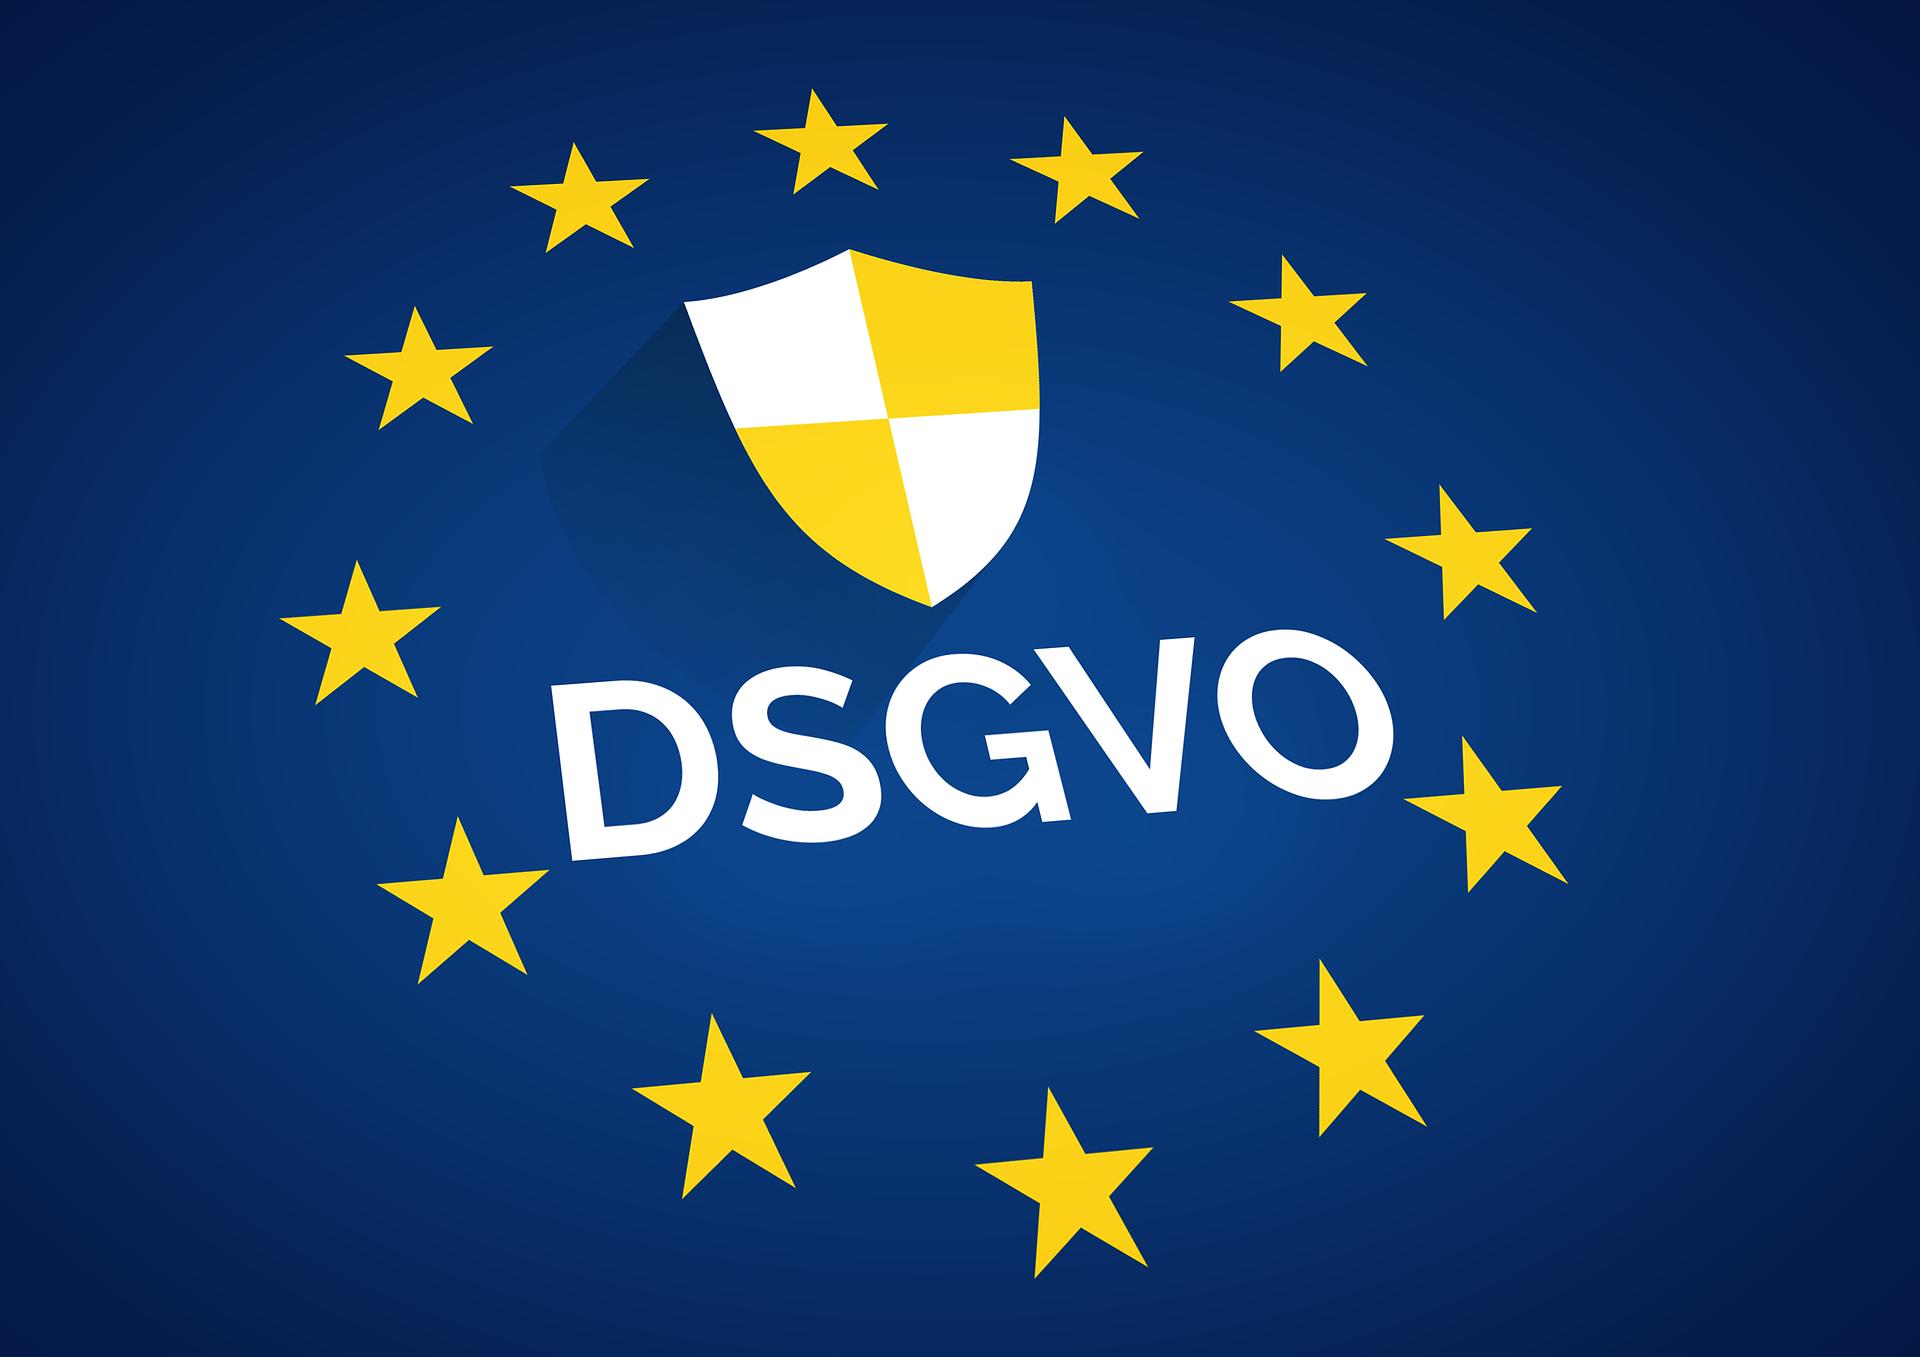 Kommentar zur DSGVO: neue Risiken für den Datenschutz